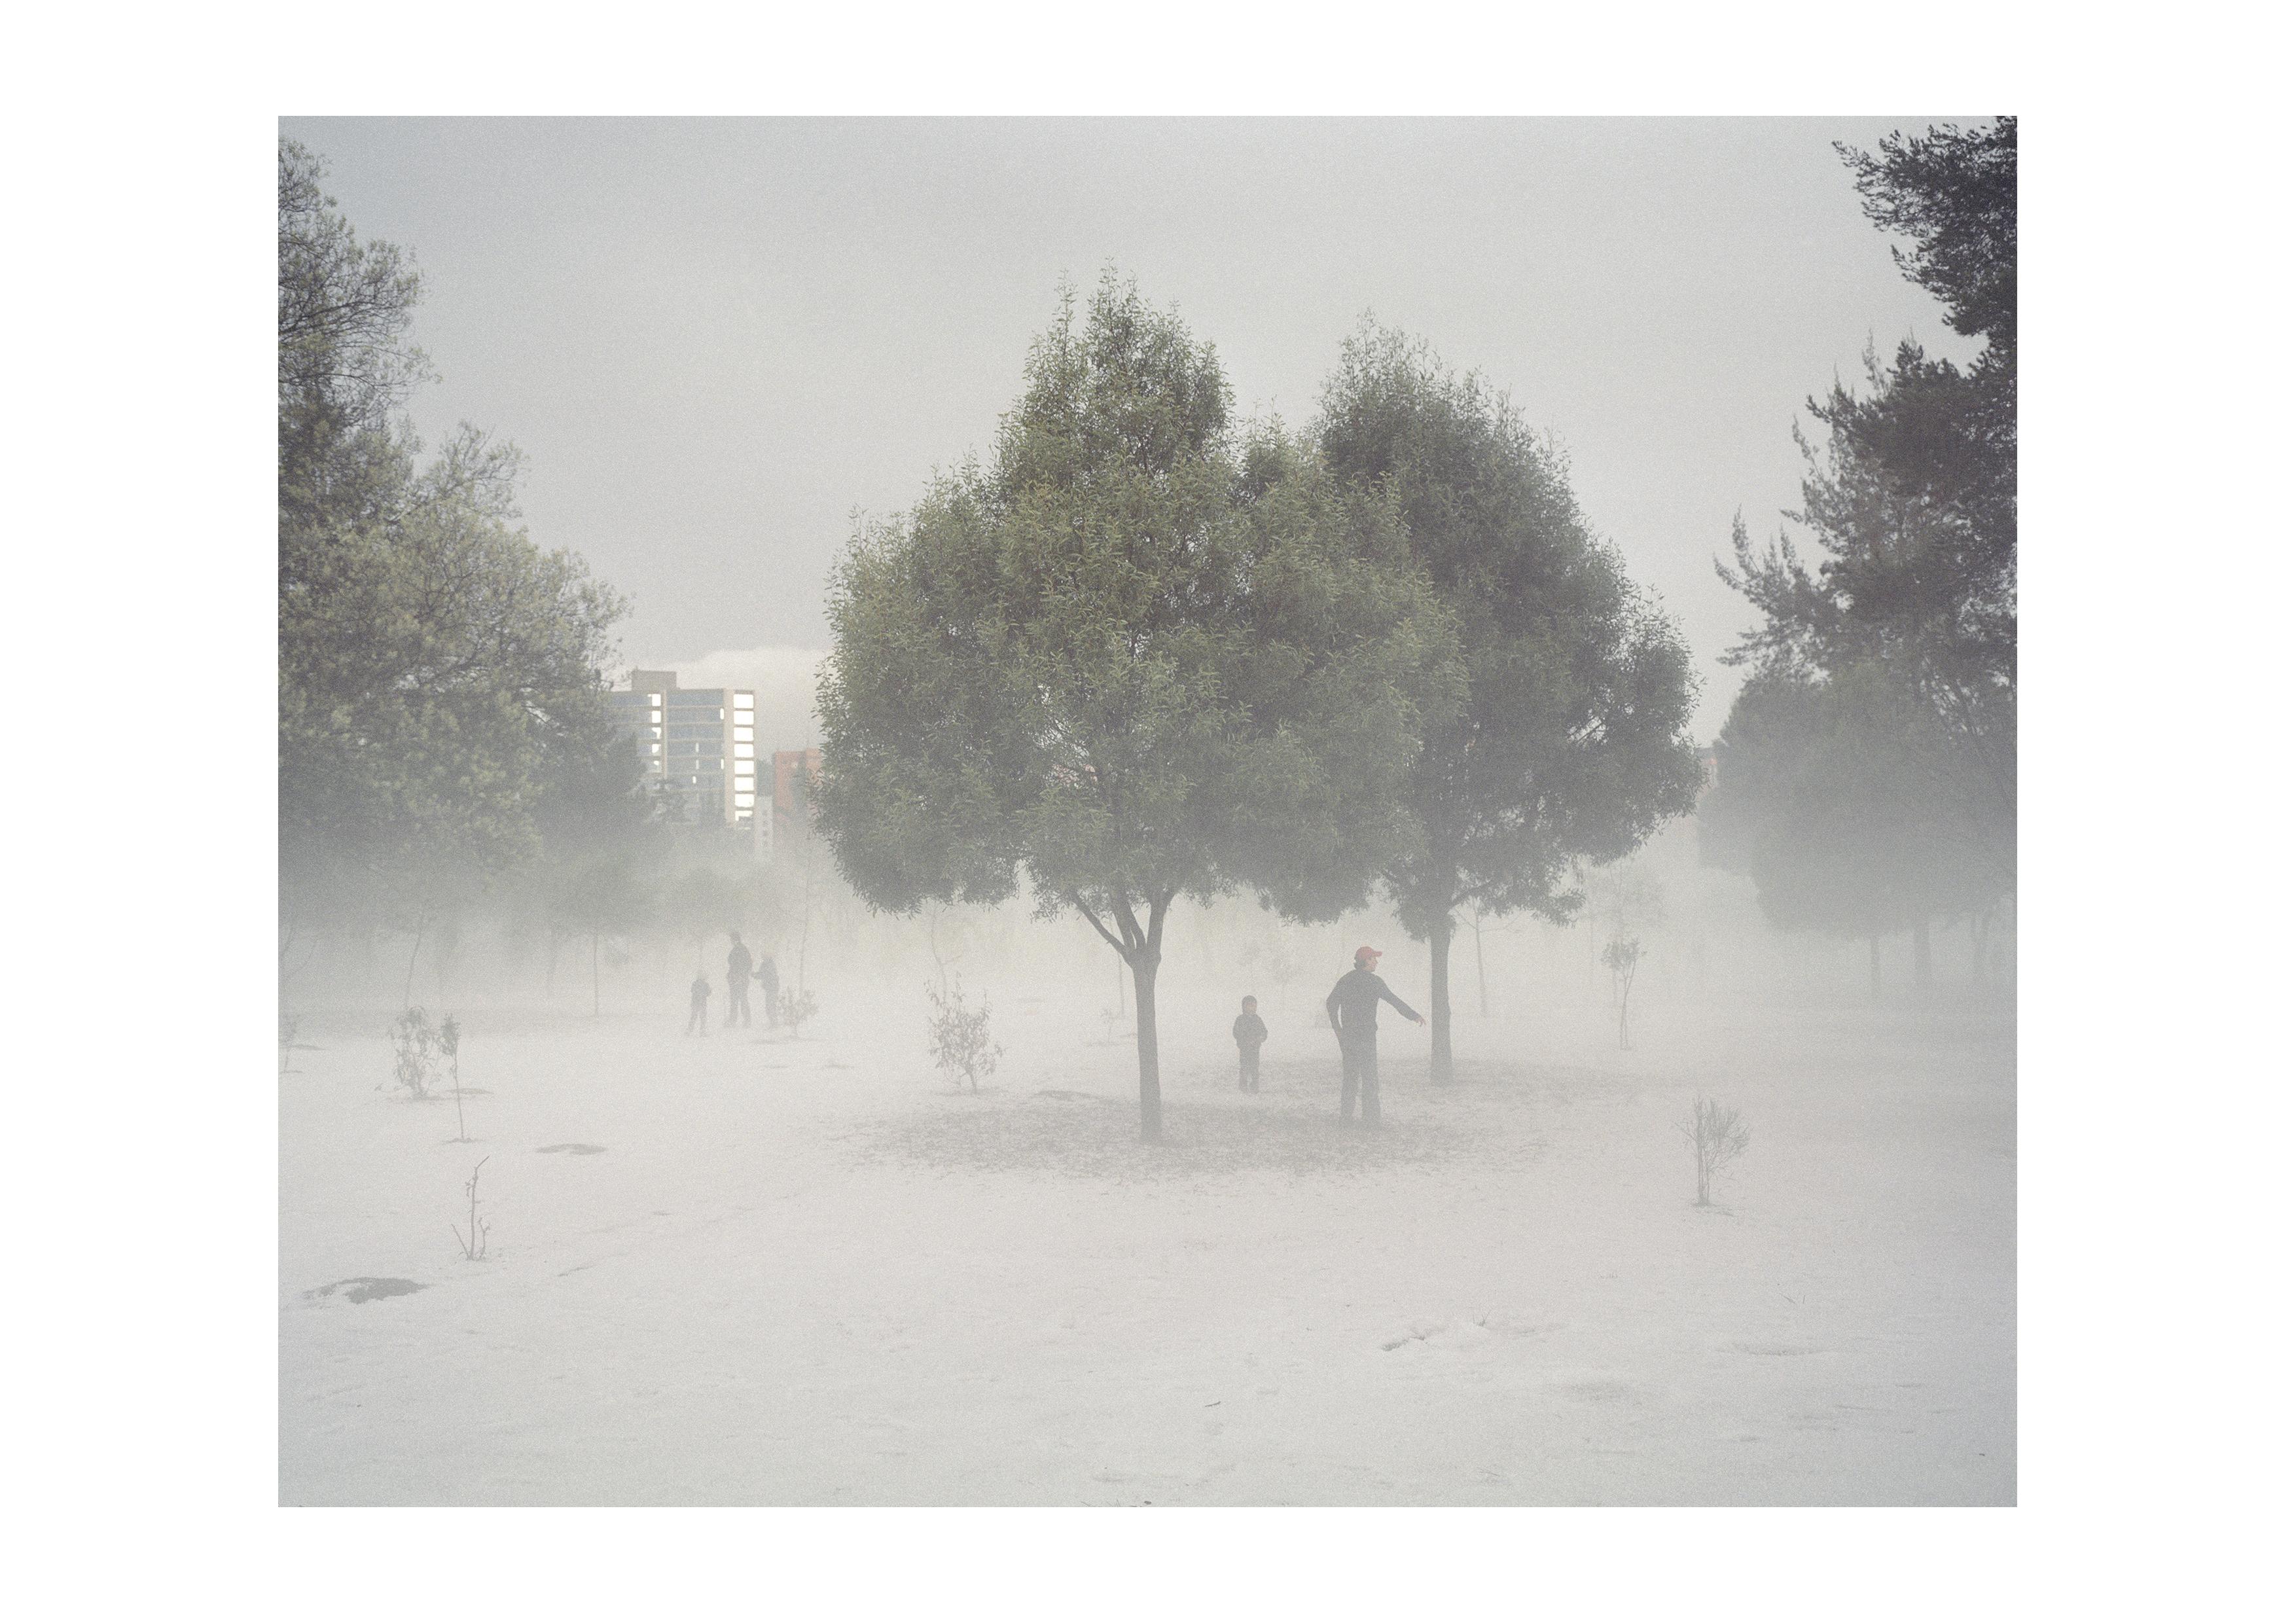 Dopo una rara grandinata nel Parco La Carolina, nella parte nord di Quito, la zona piu ricca della capitale dell'Ecuador. Novembre 2011.